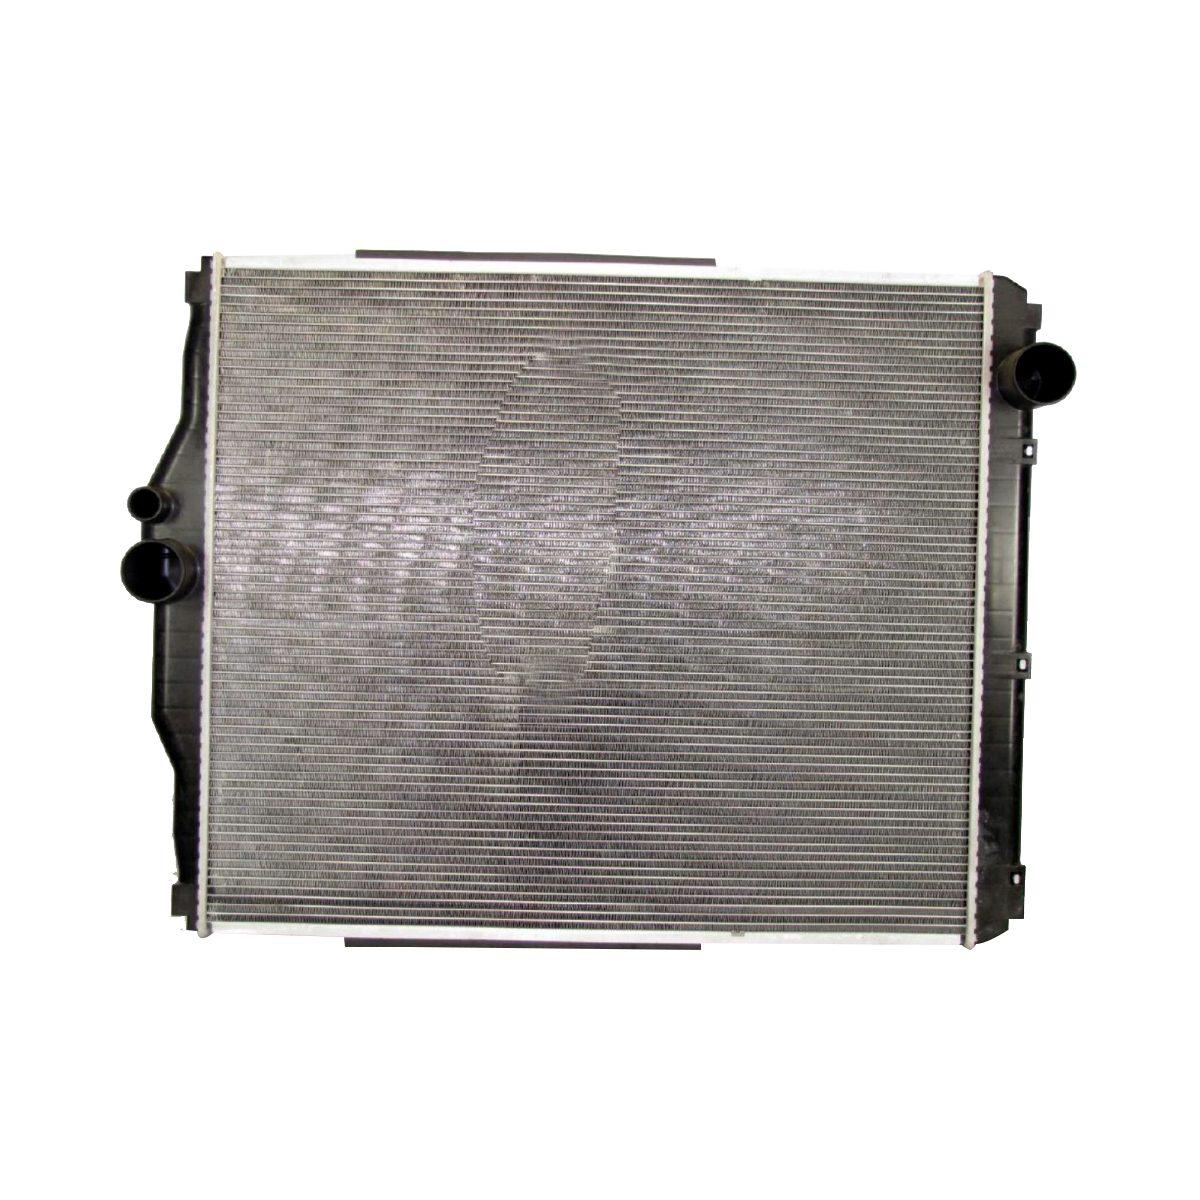 ford b500 b800 f600 f800 94up radiator oem 081271f 2